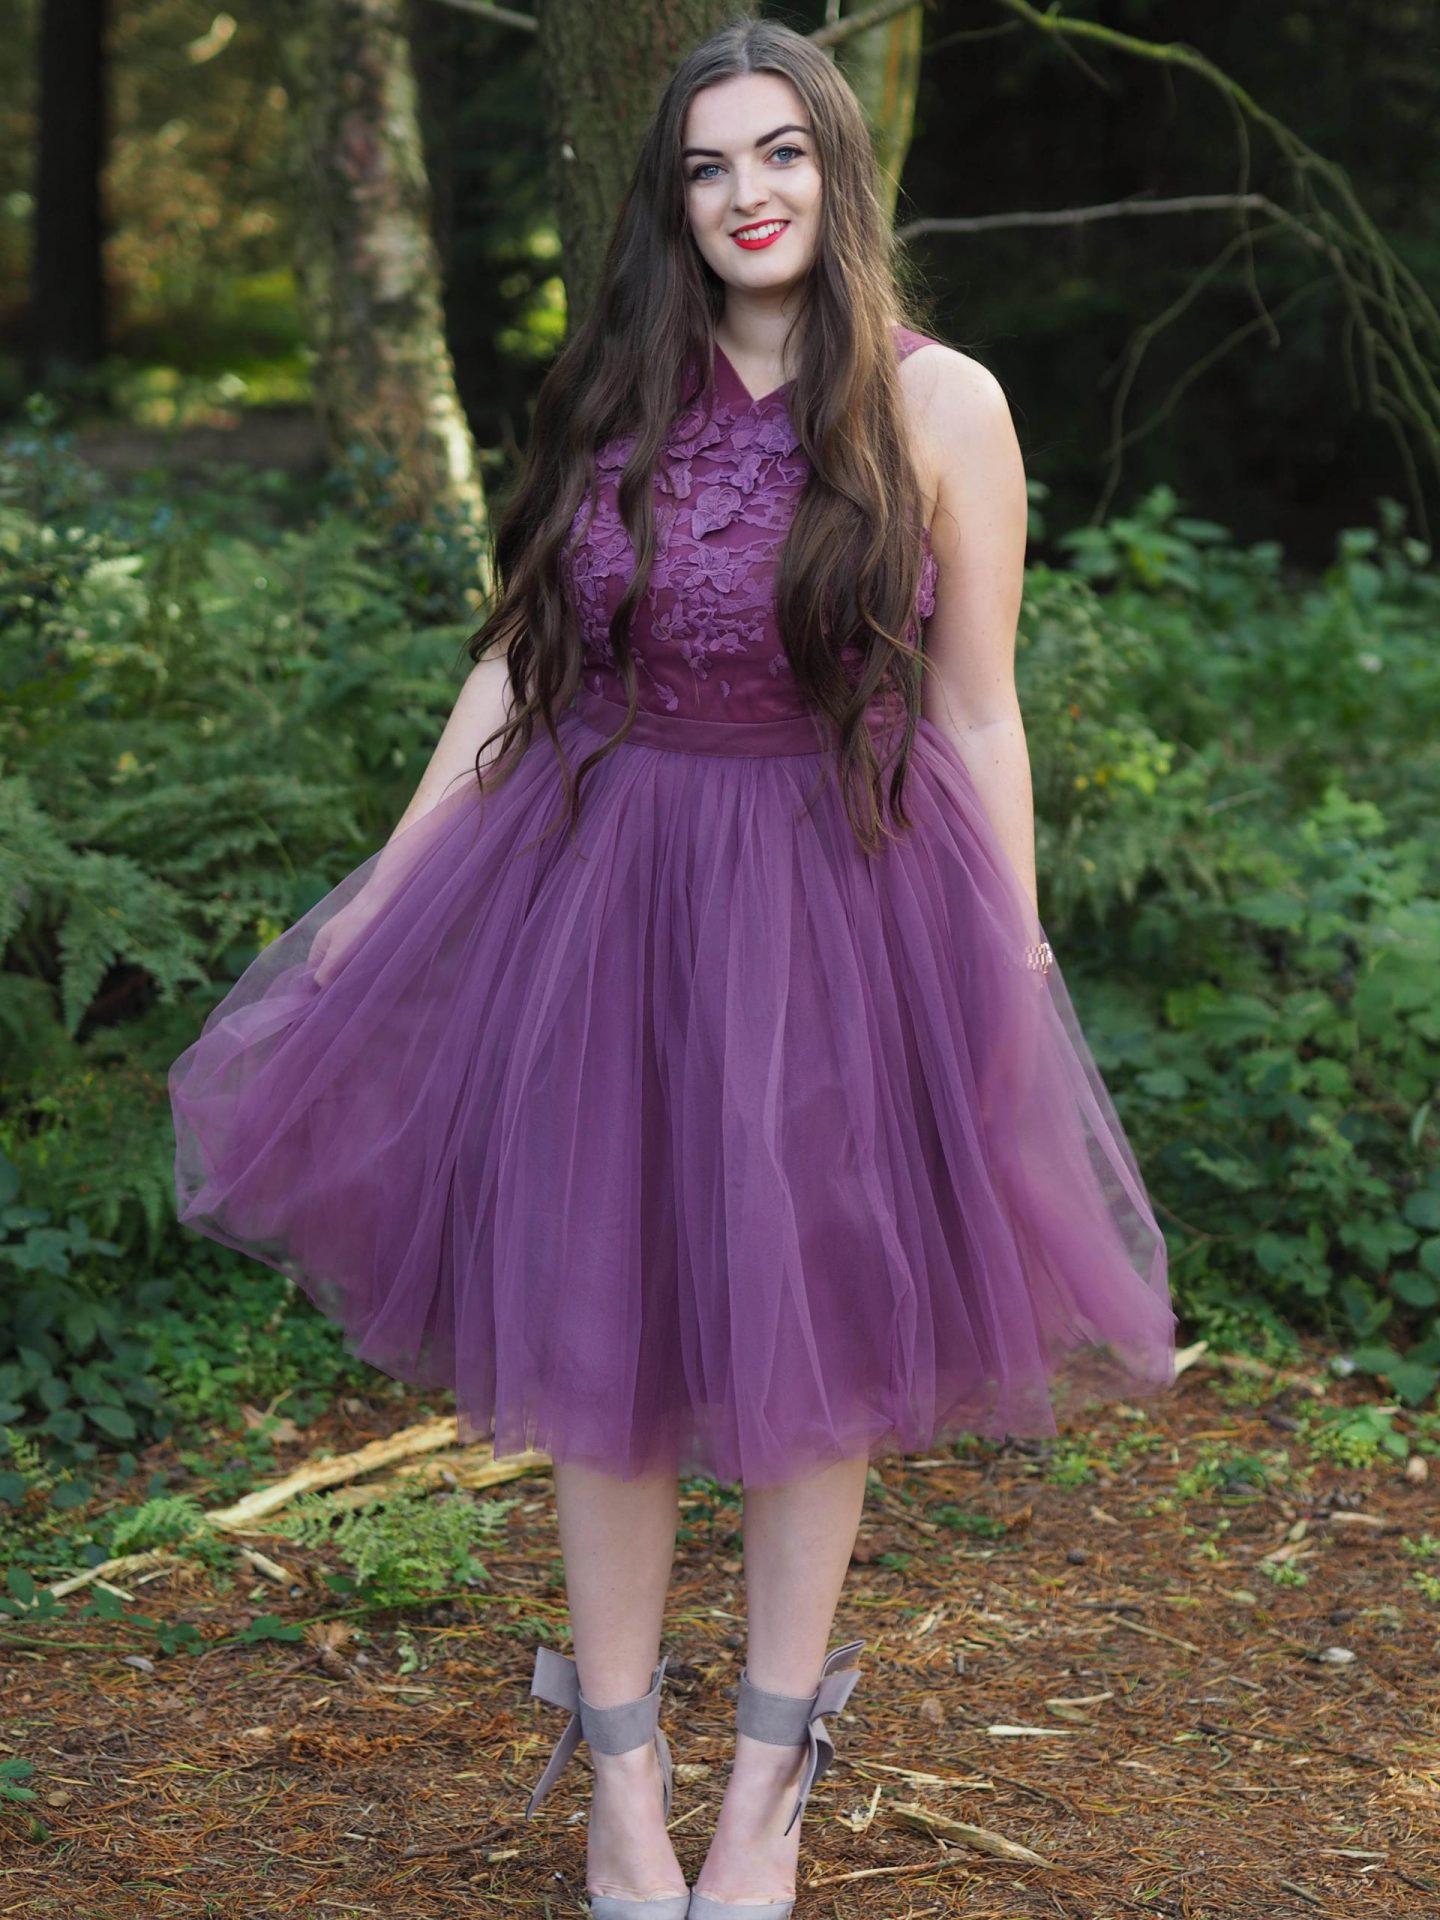 chi-chi-clothing-elif-dress-rachel-nicole-uk-blogger-4